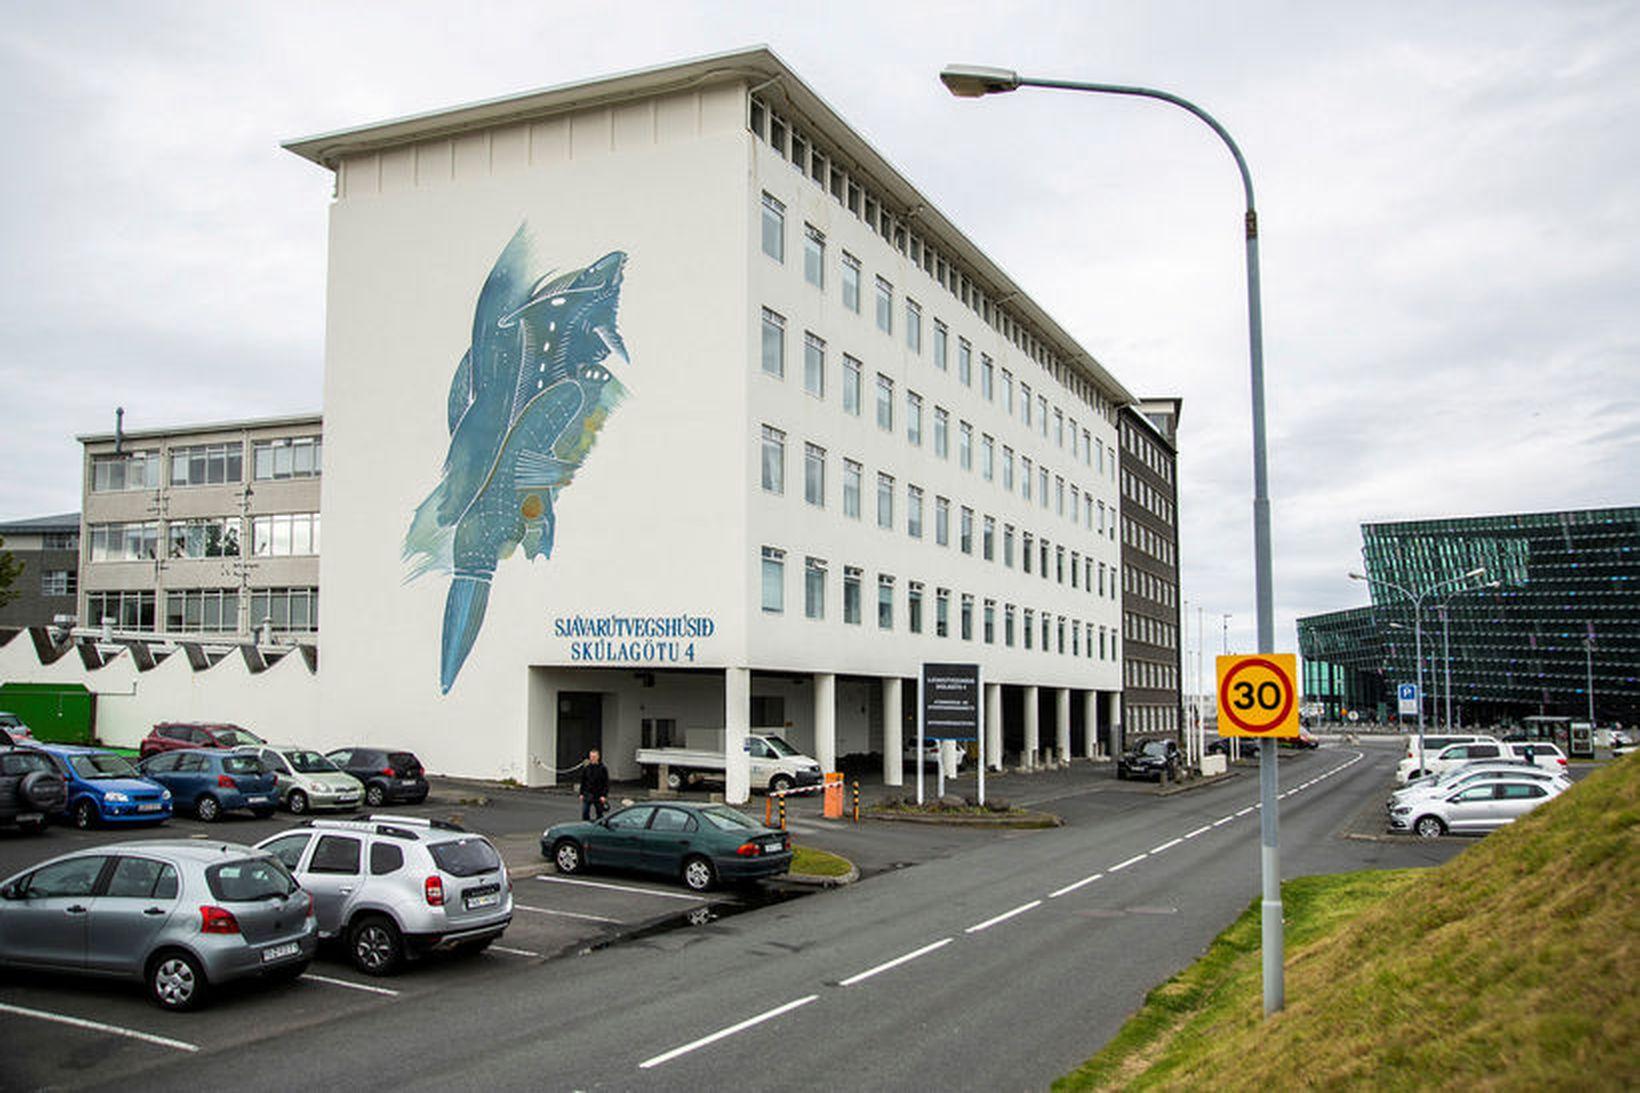 Húsakynni Hafrannsóknastofnunar, að Skúlagötu 4.